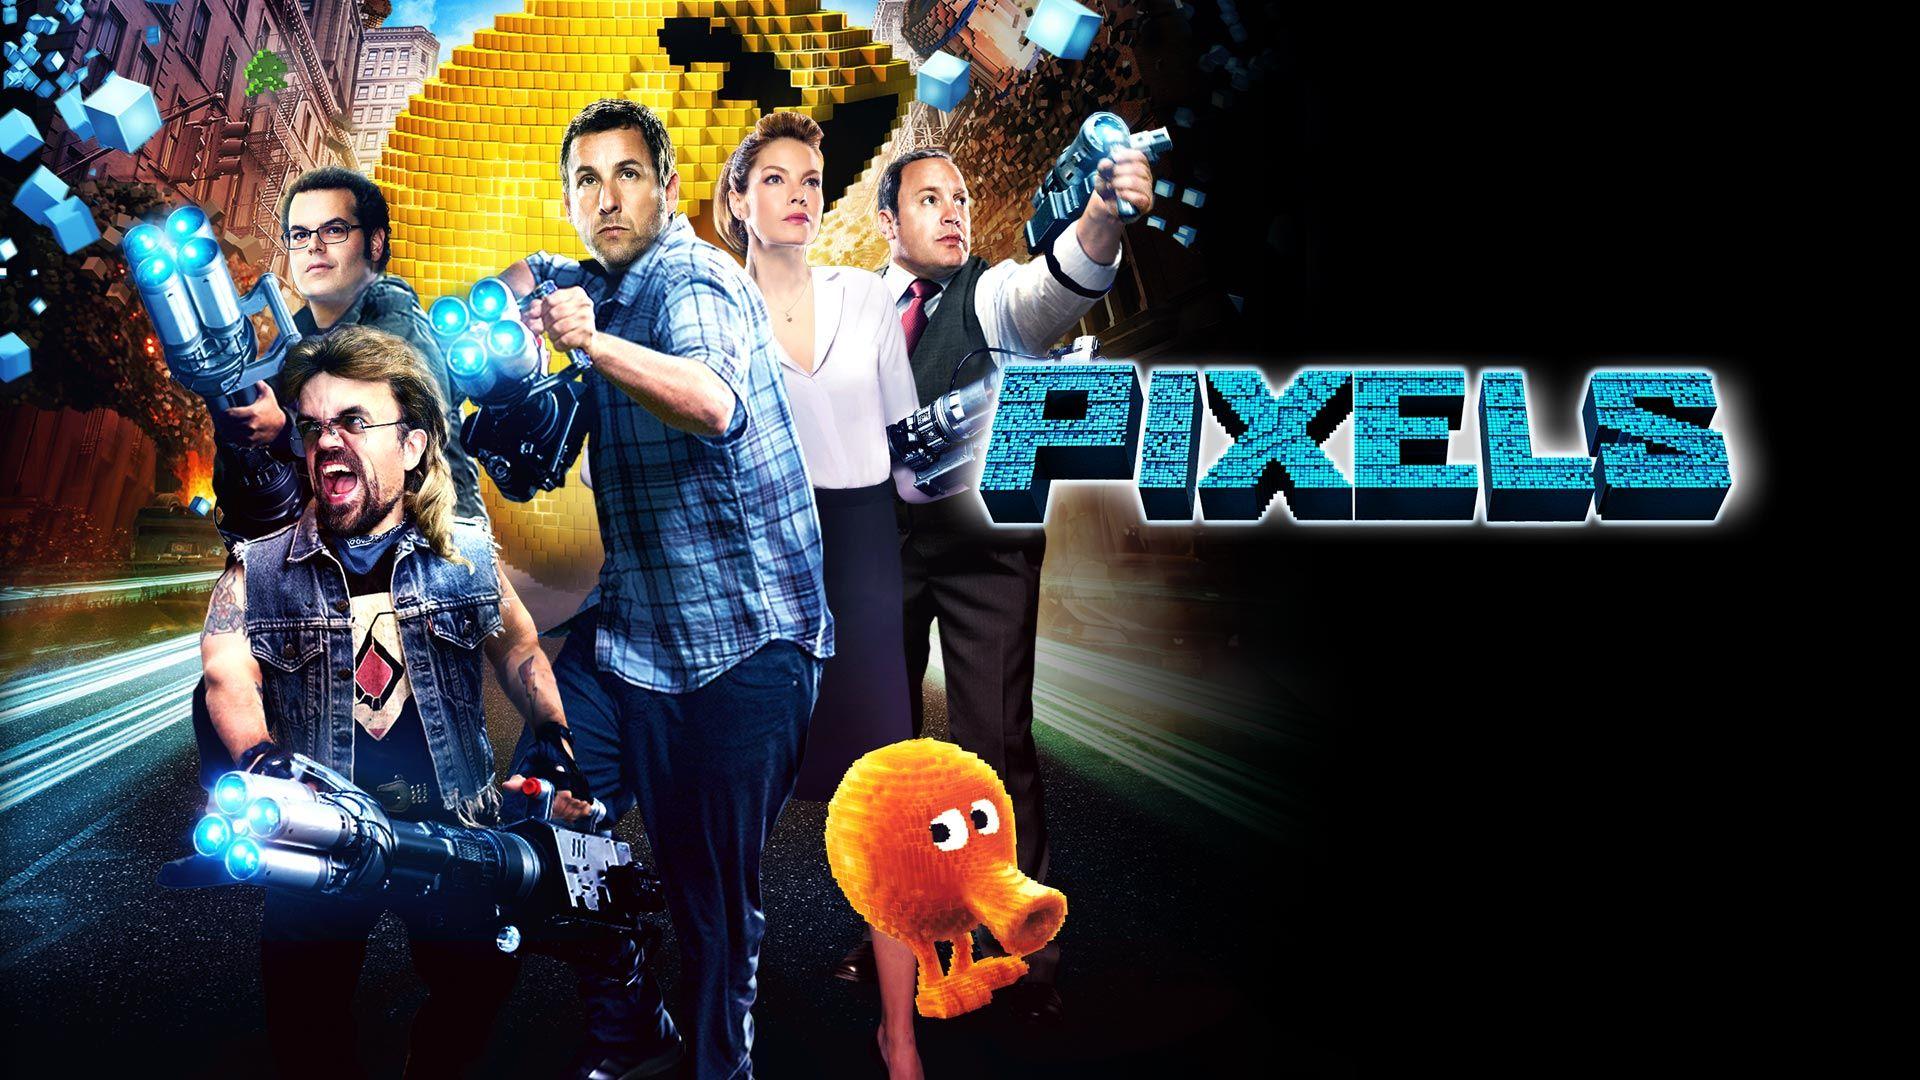 Pixels (4K UHD)